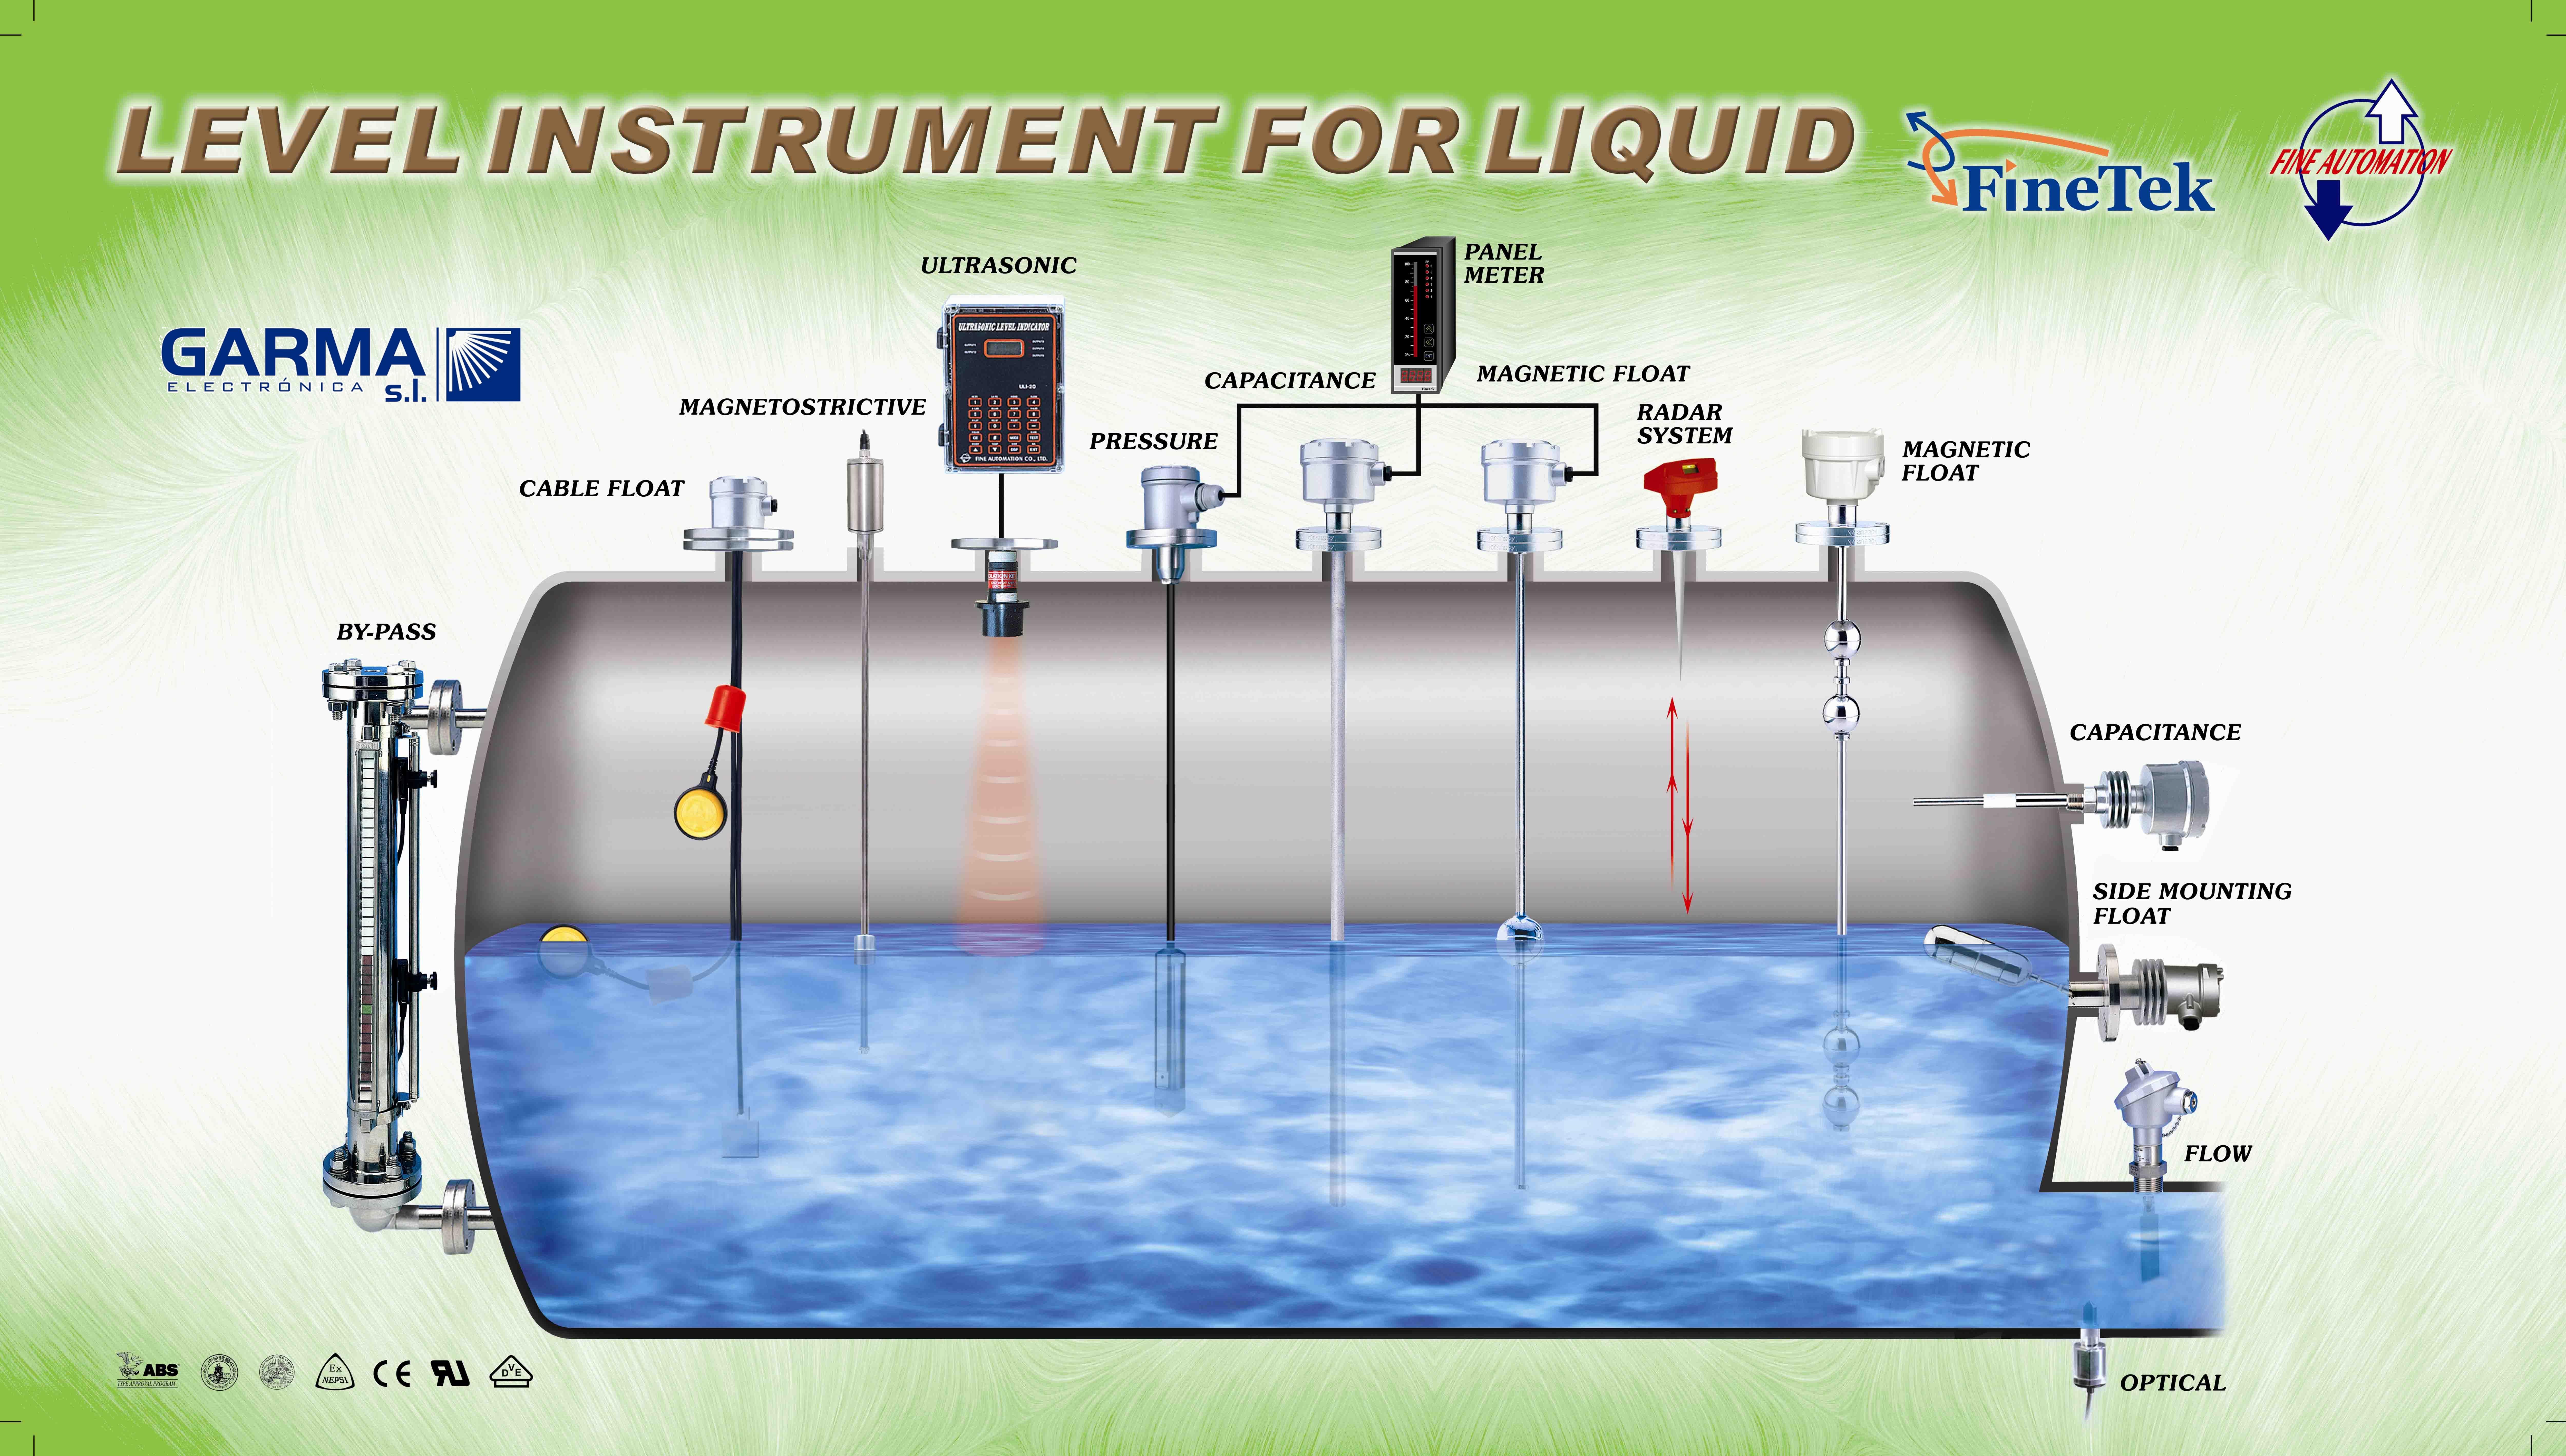 Herramientas de nivel para liquidos